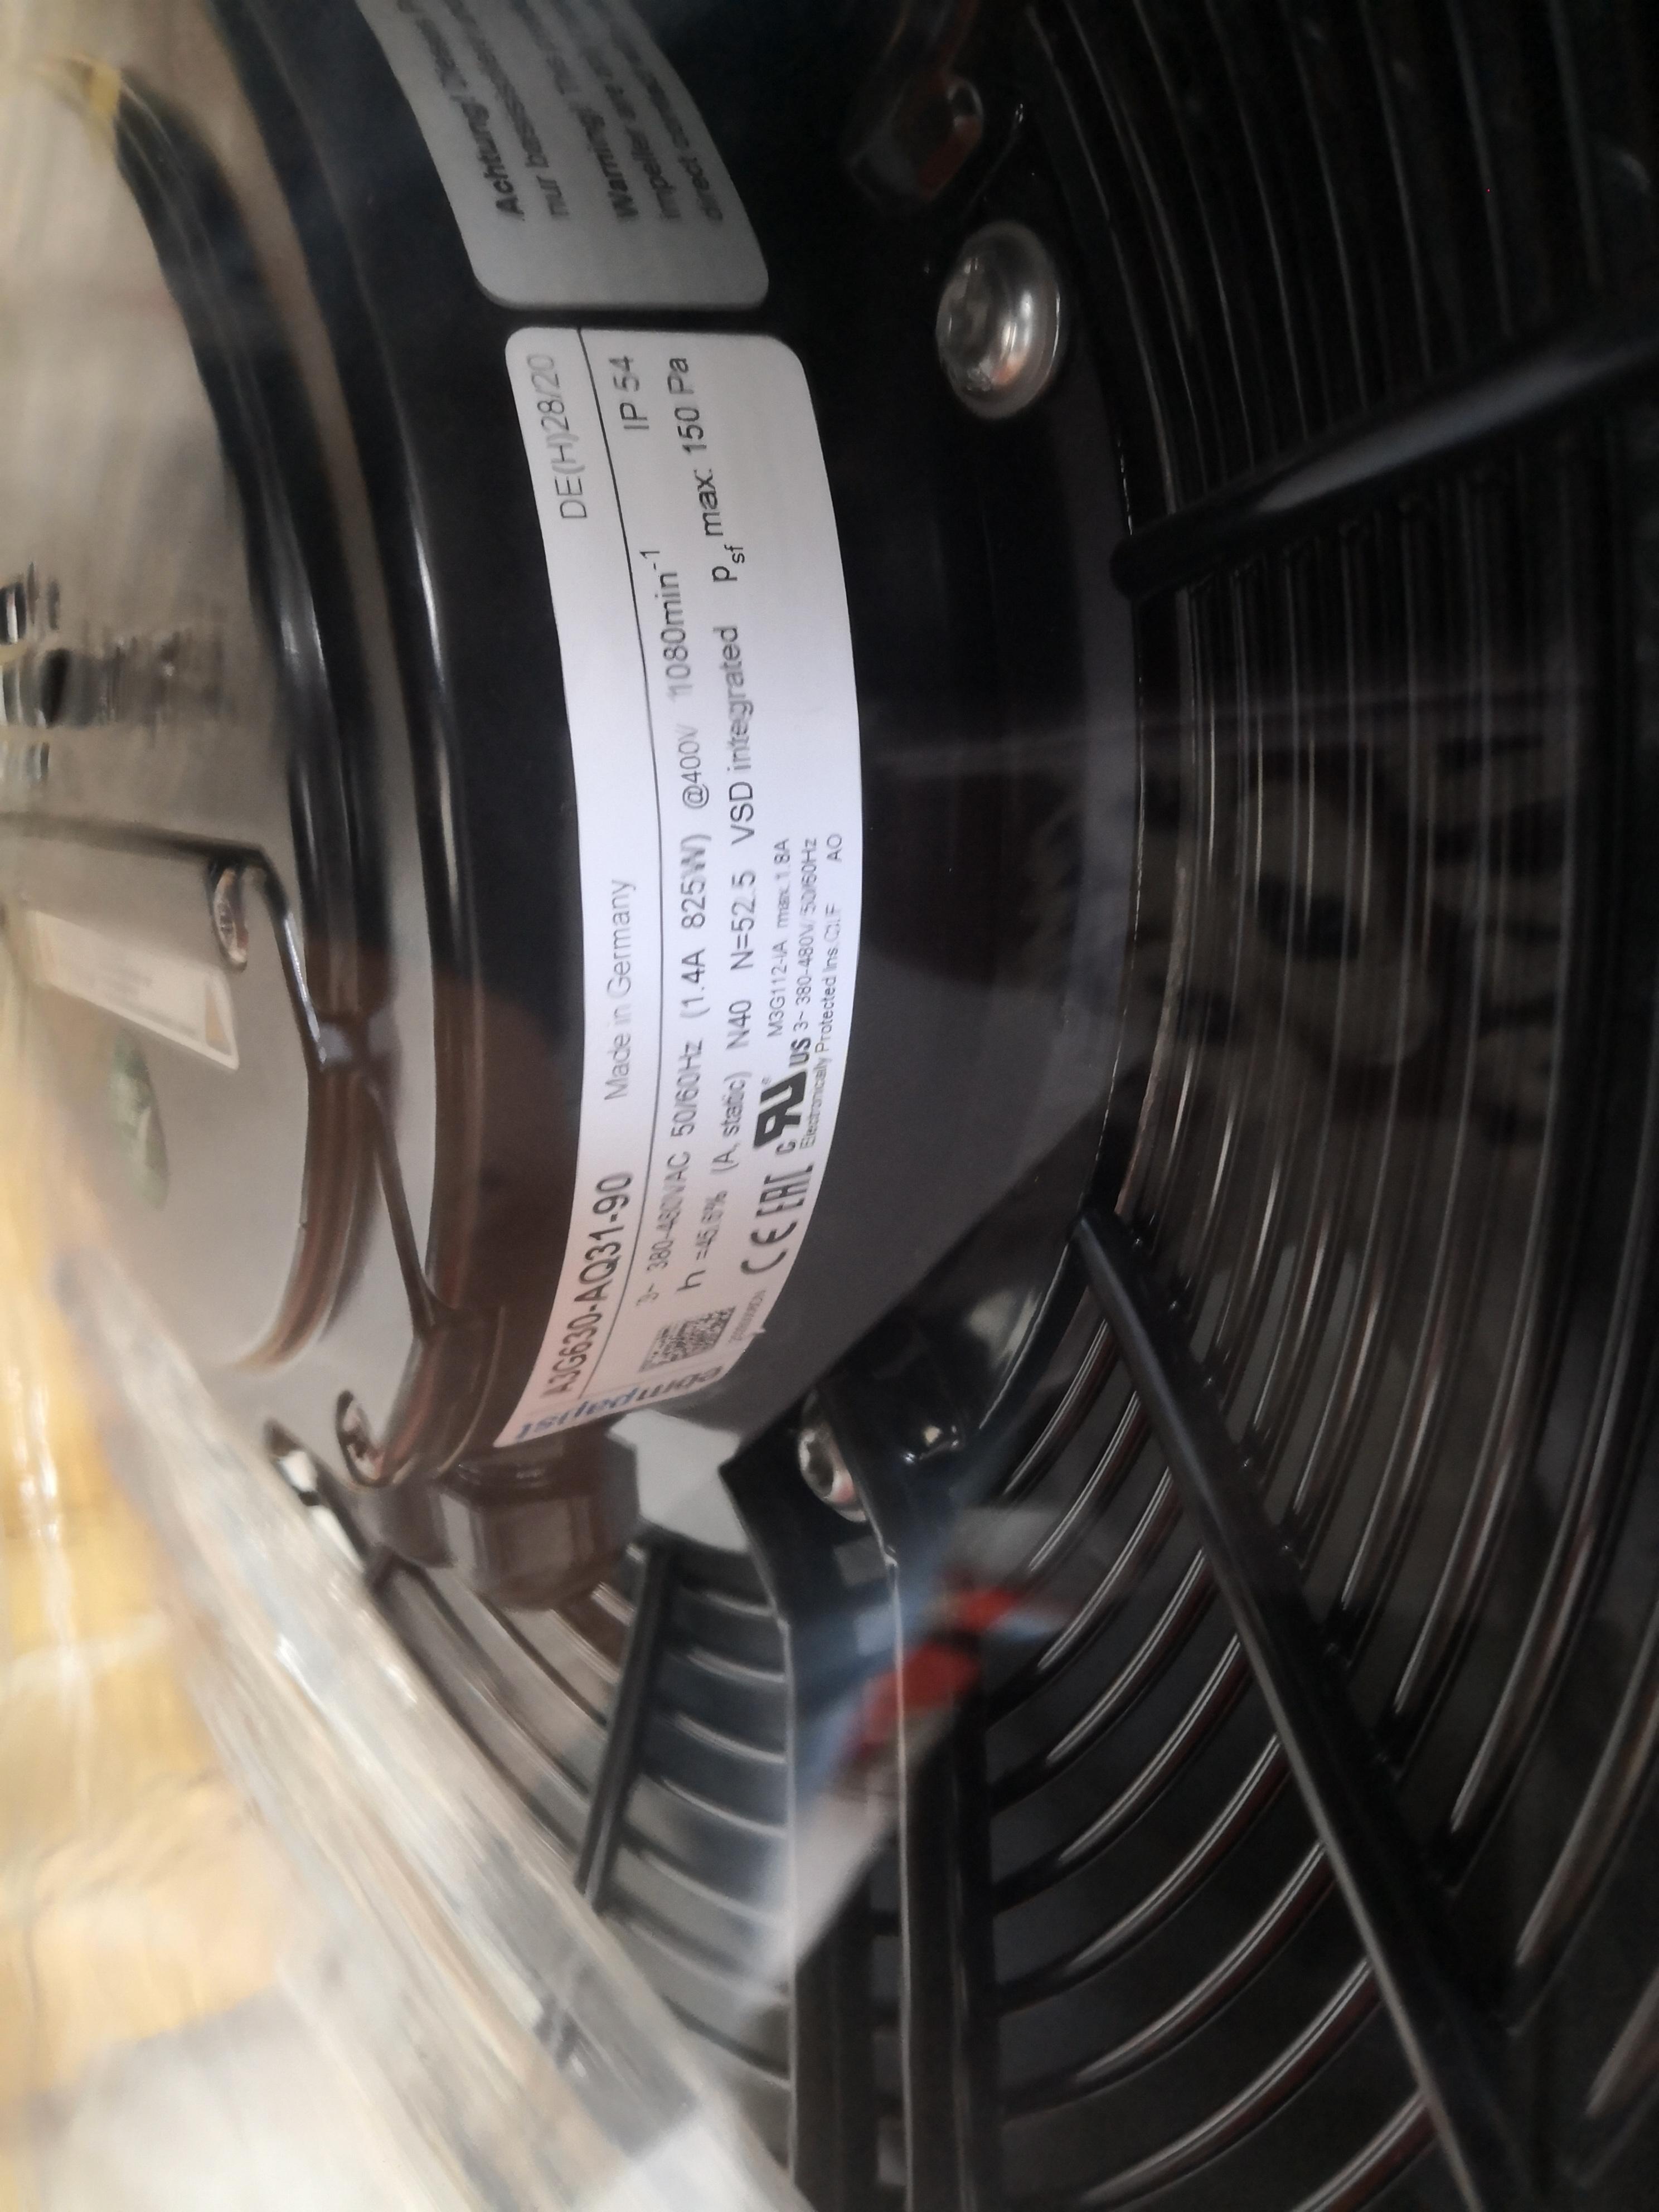 Condensatore scambiatore per refrigerazione in vendita - foto 3